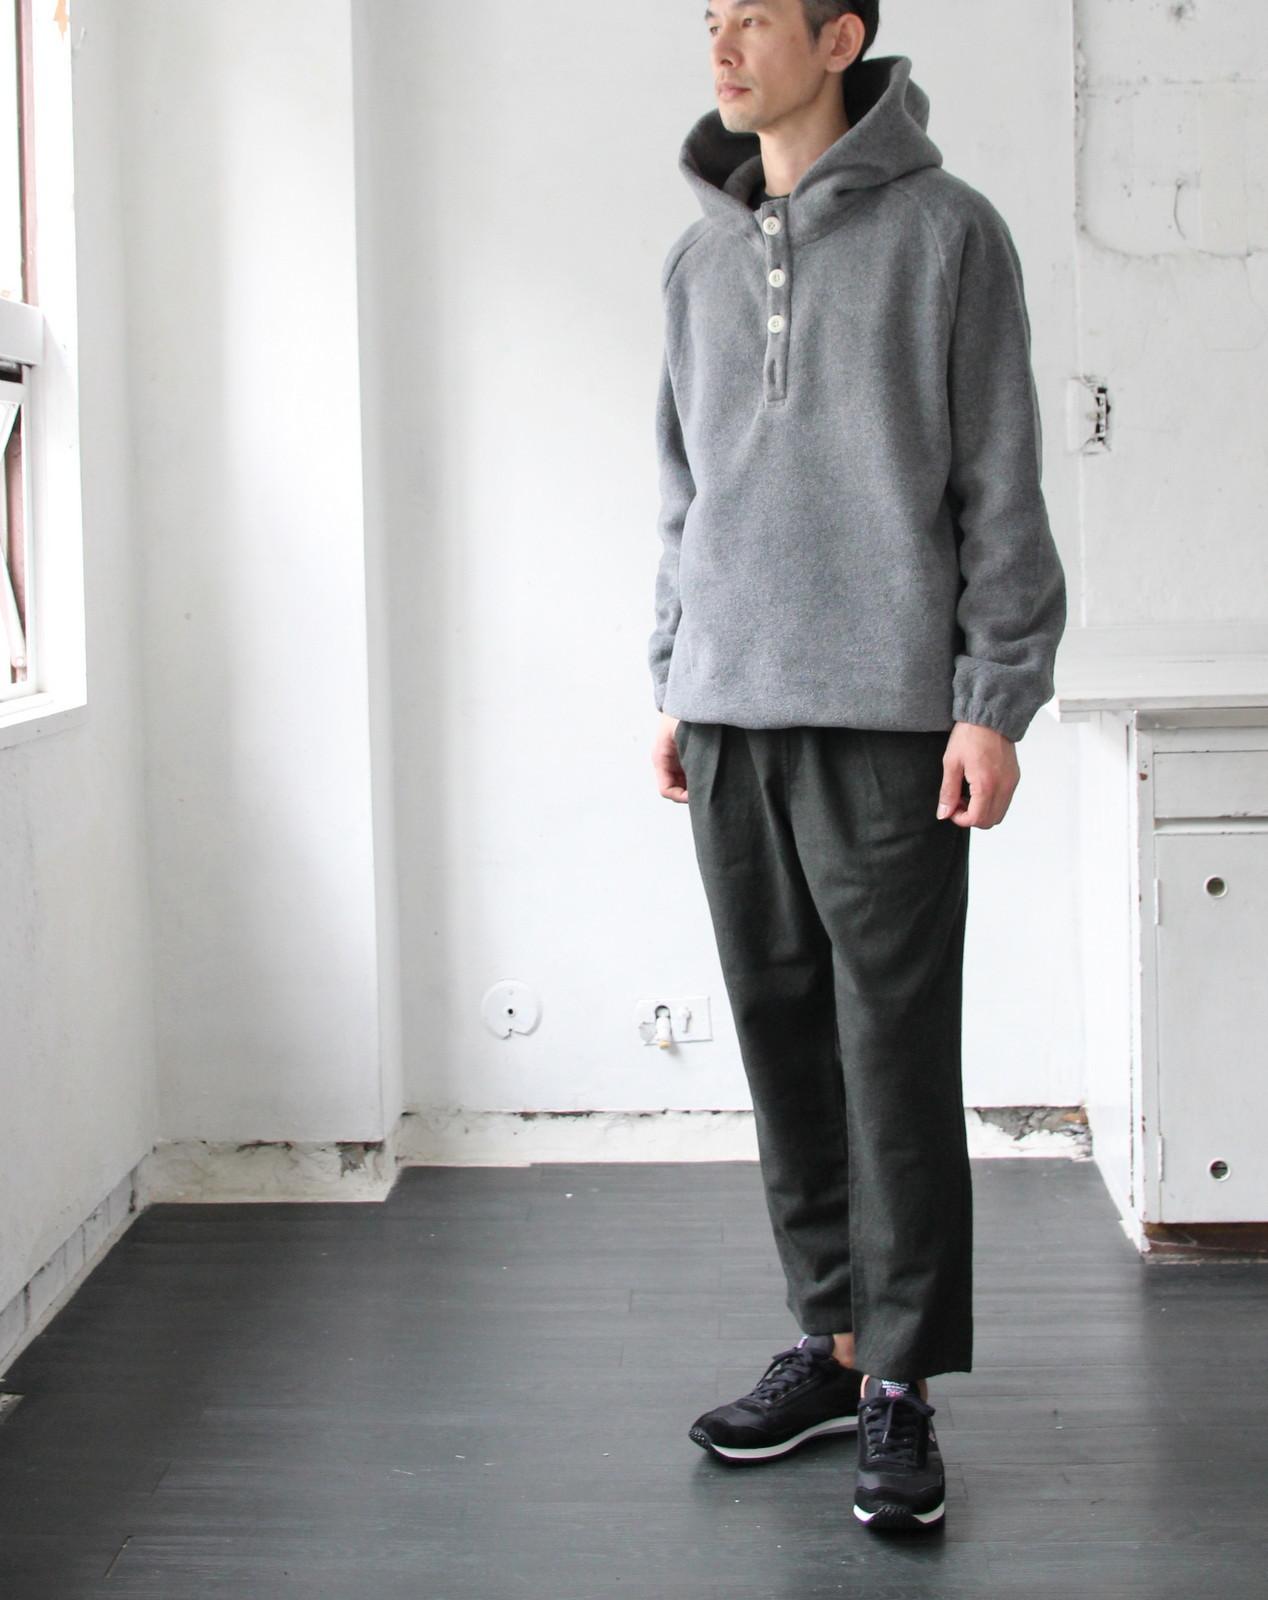 Boa Fleece Hooded Pull Over _c0379477_18313882.jpg